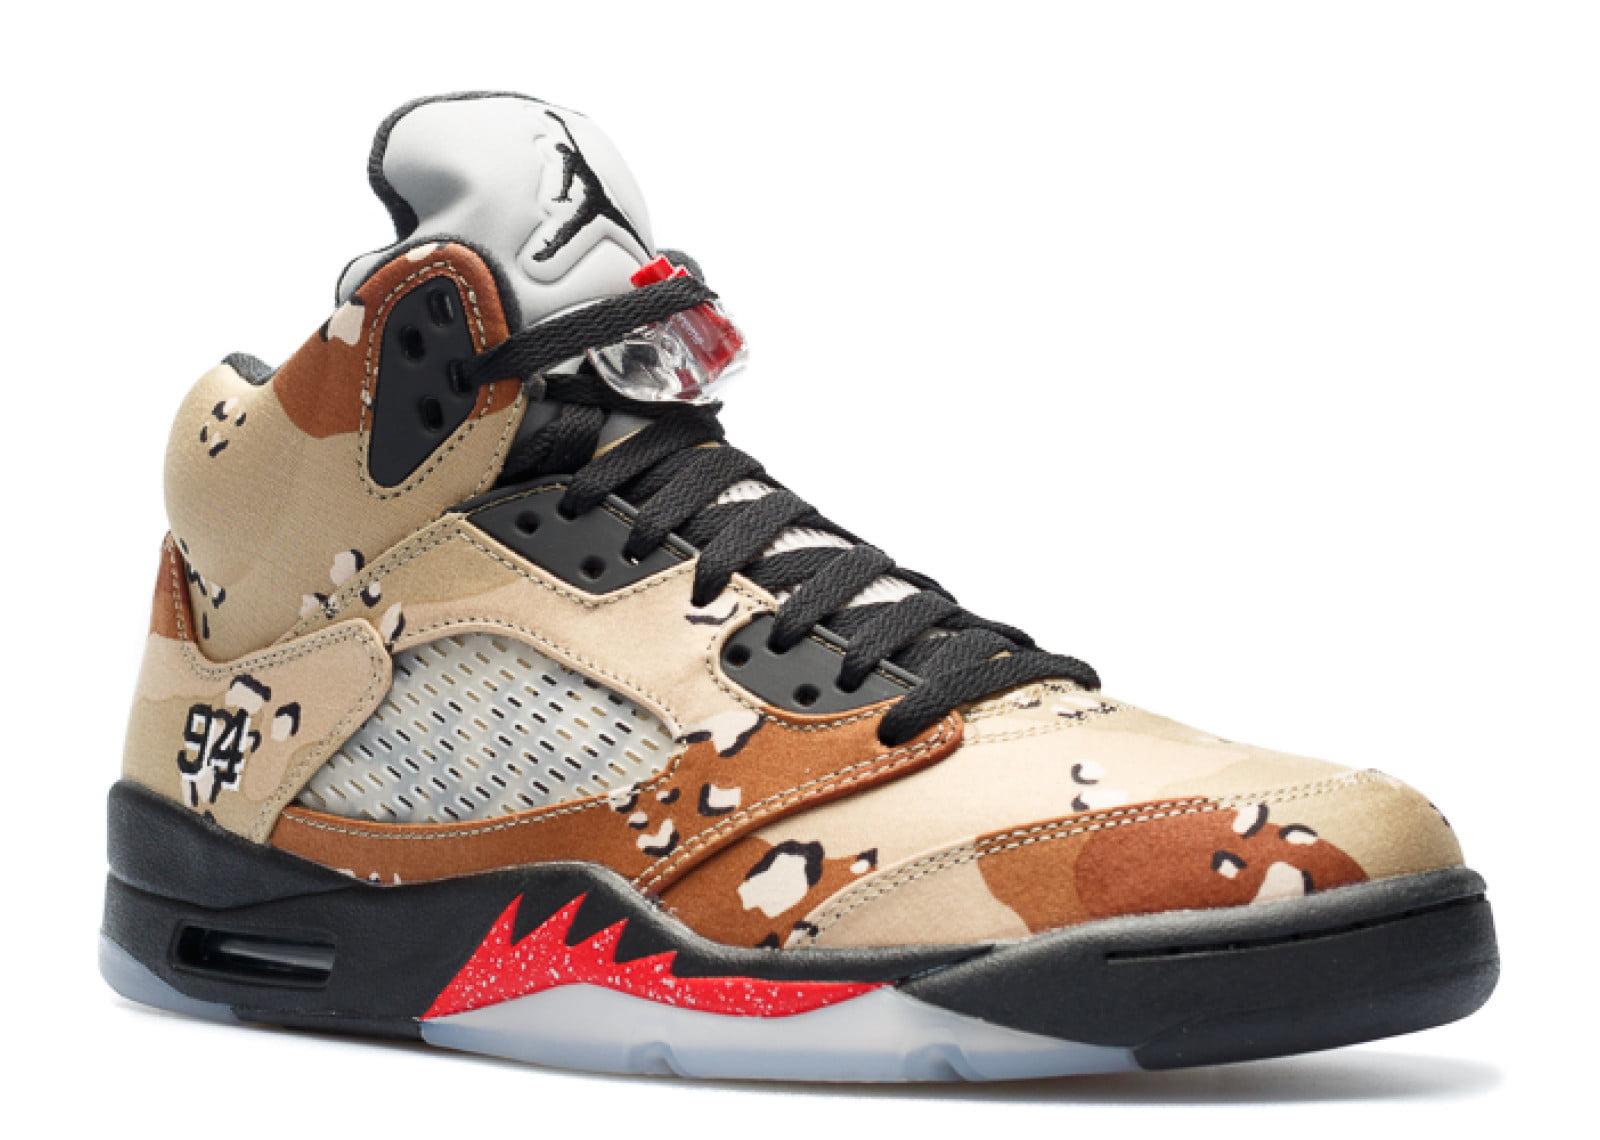 Air Jordan 5 Retro Supreme 'Supreme